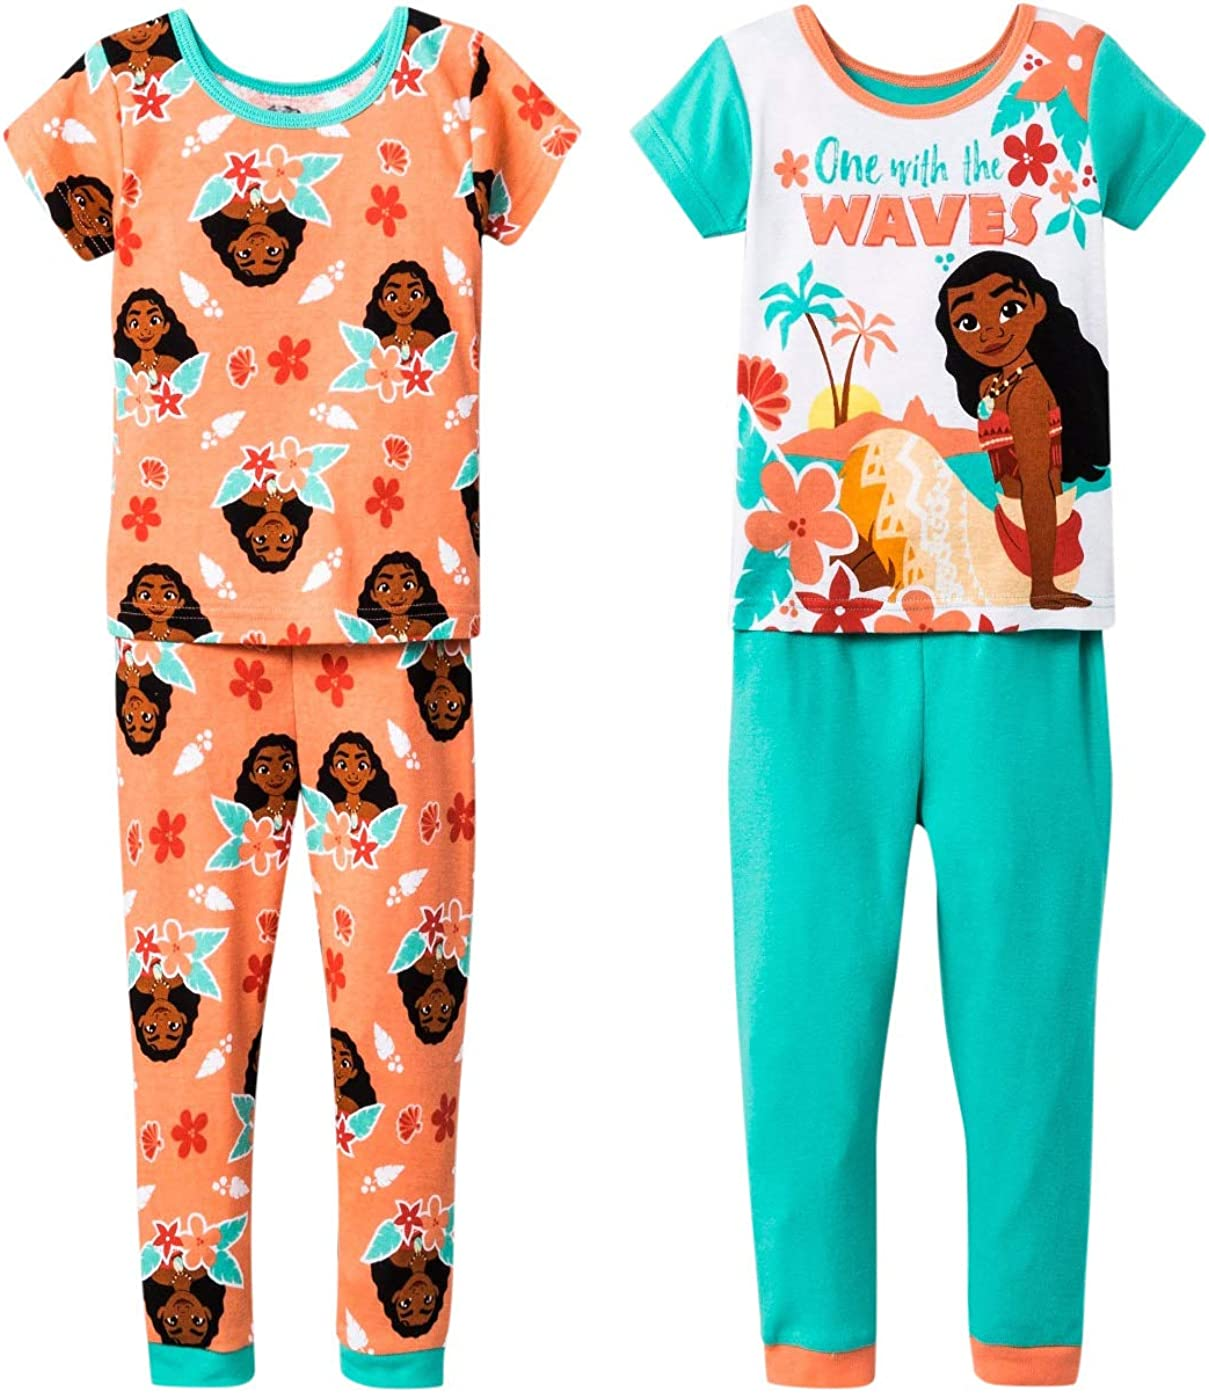 Disney Moana Pyjamas I Disney Girls Moana PJs I Moana Pyjama Set